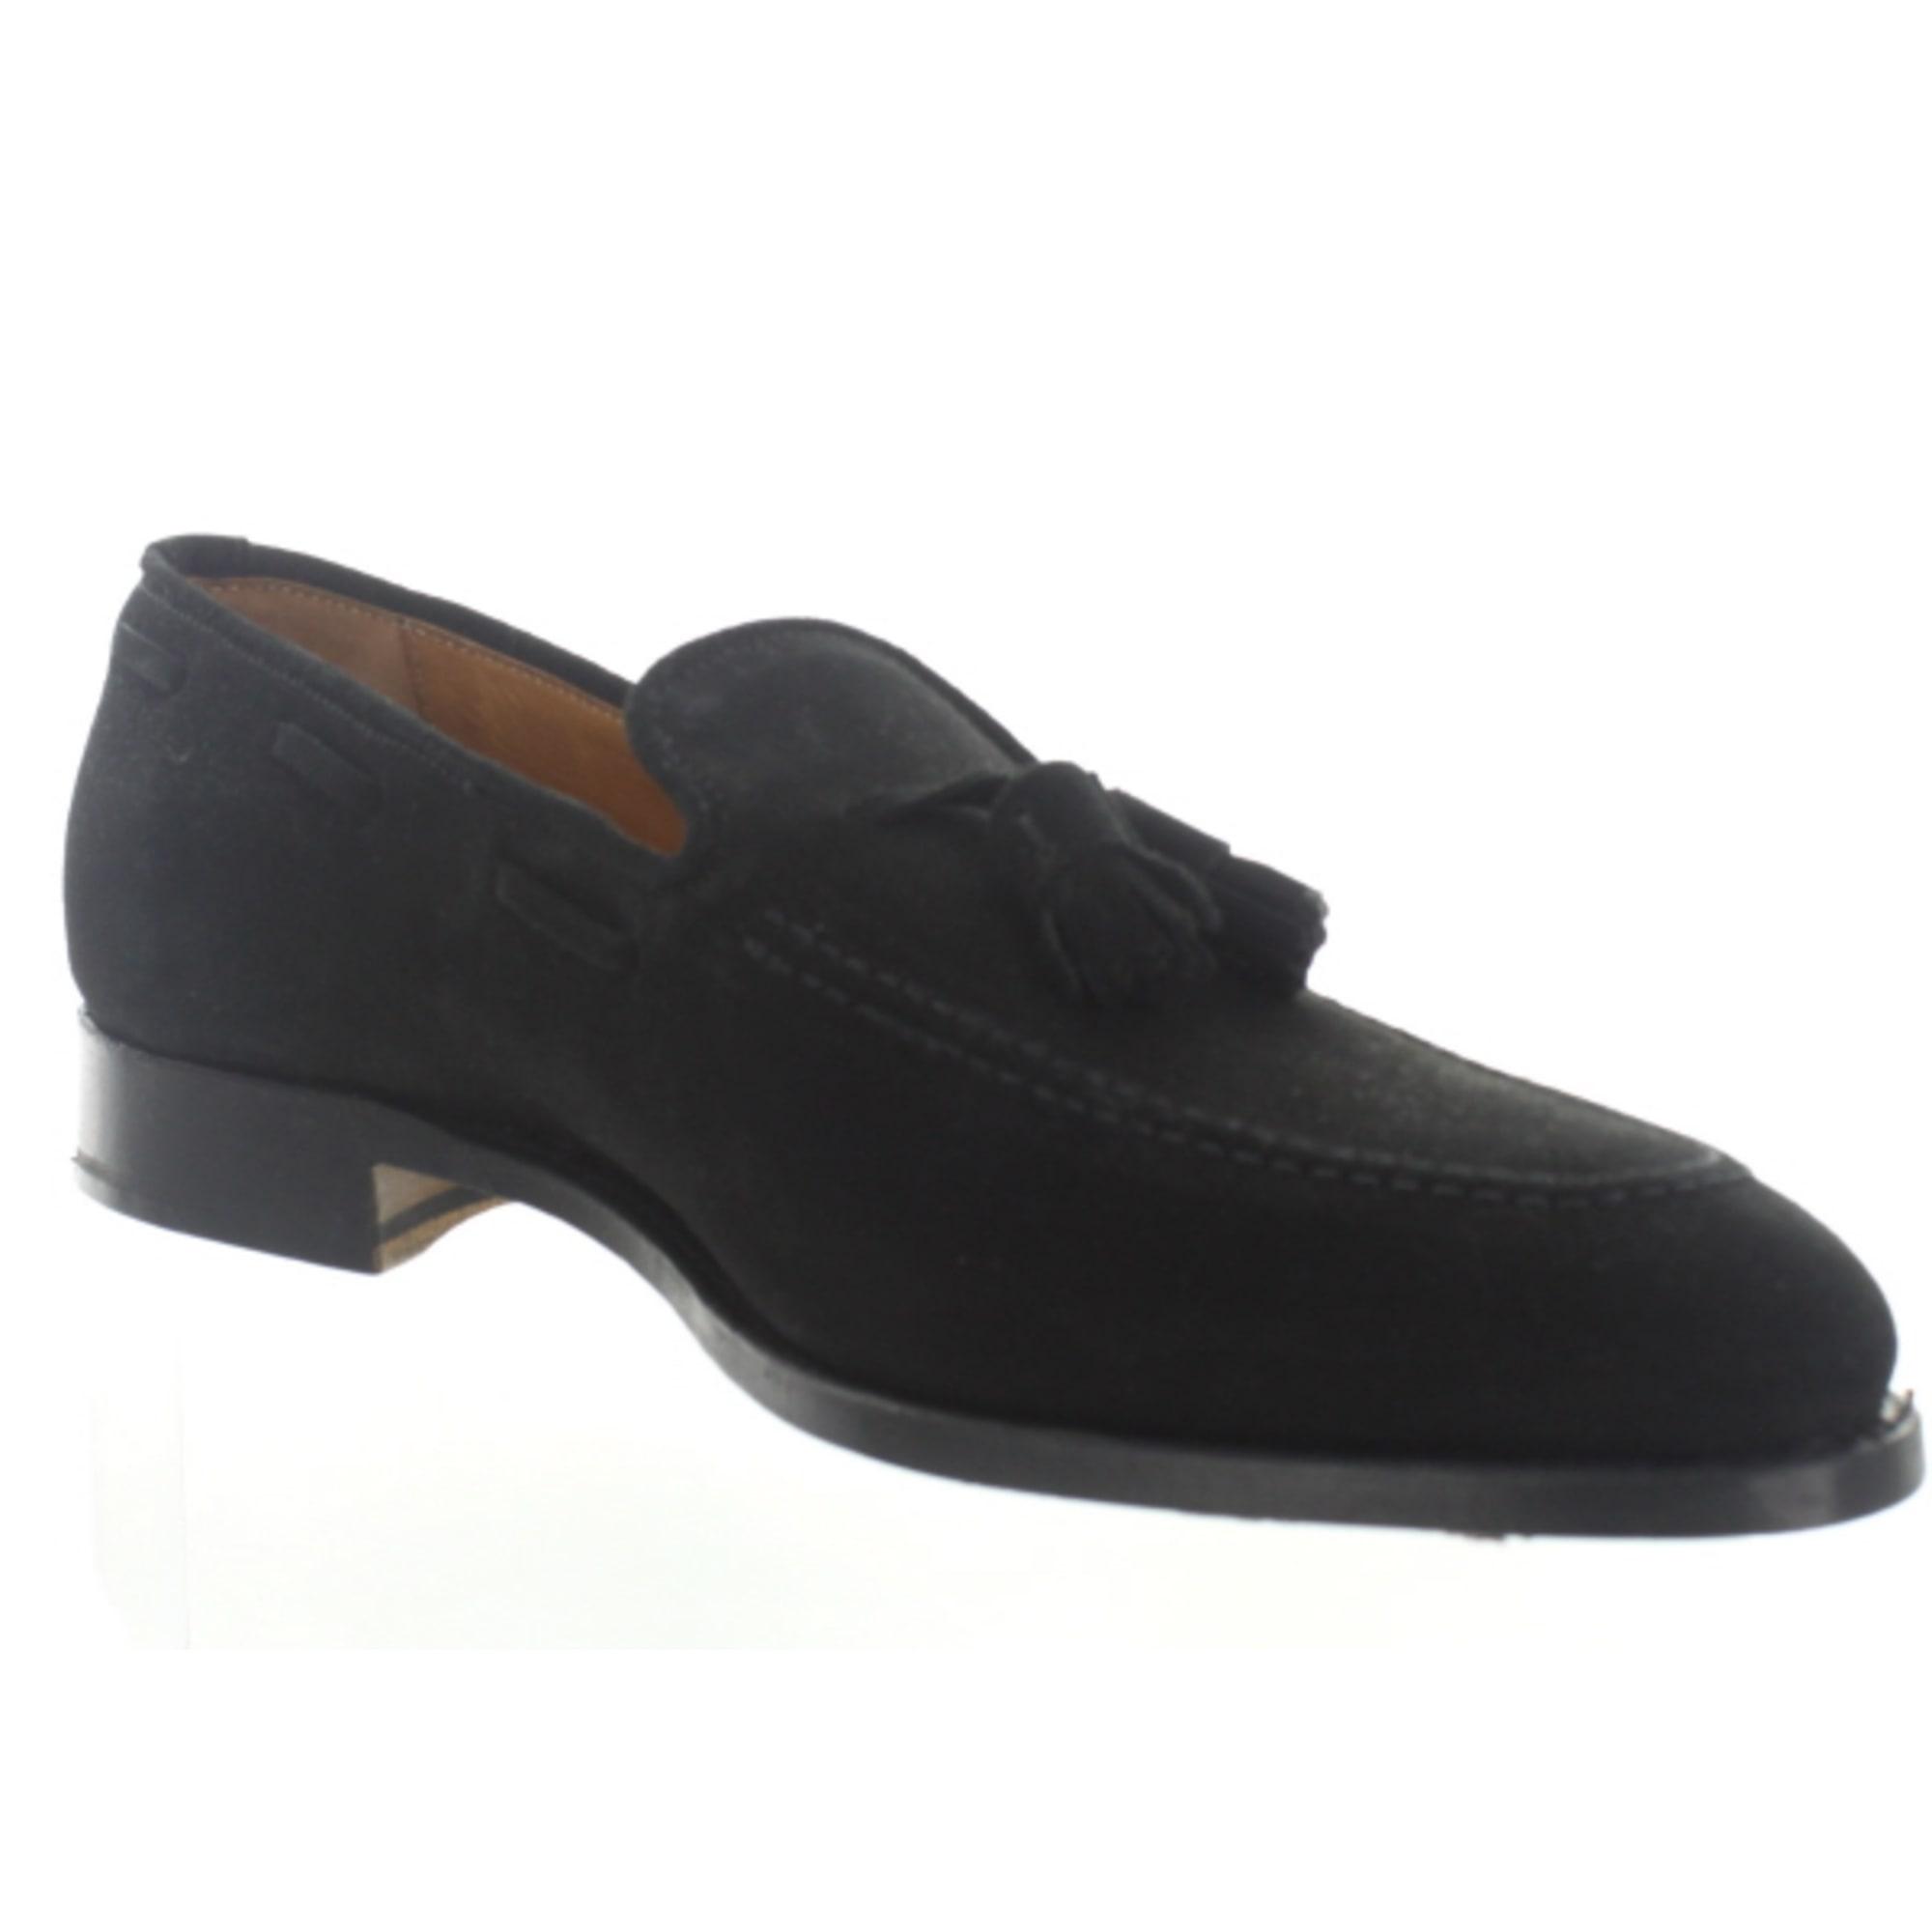 John Homme Chaussure Homme Mendson John Chaussure hsrCtQd